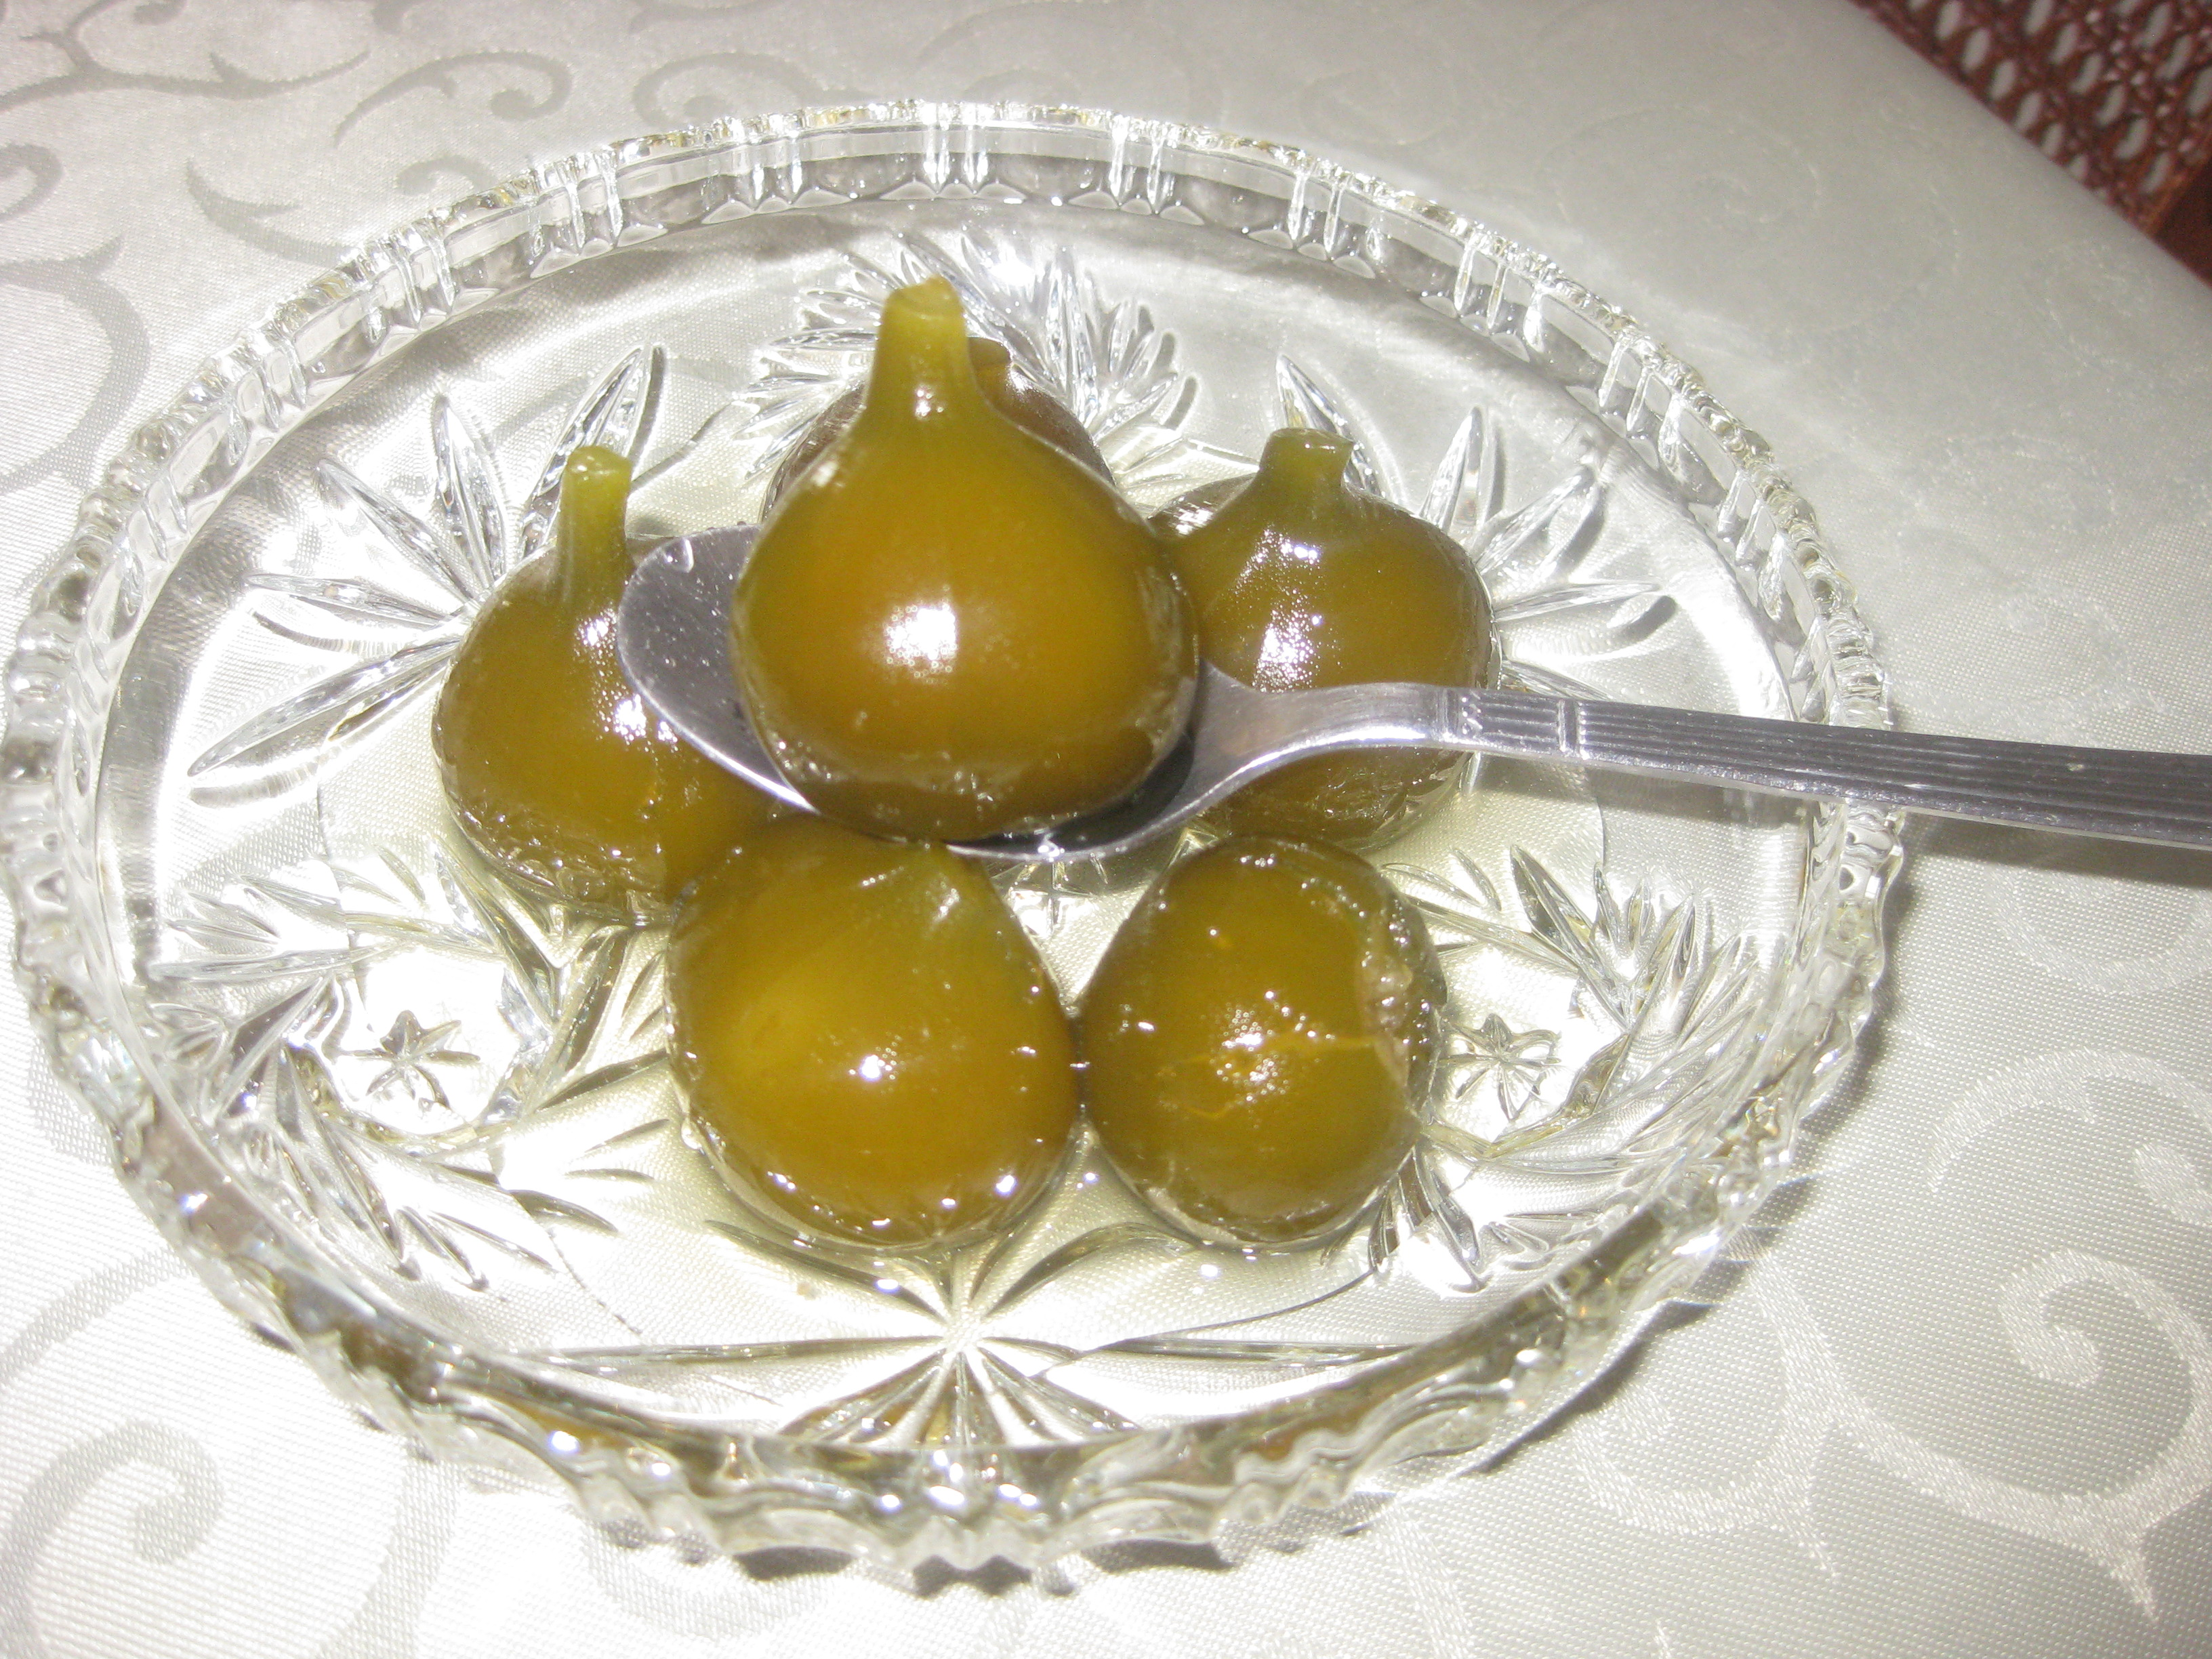 Γλυκό σύκο - συκαλάκι - Συνταγή - ηχωμαγειρέματα